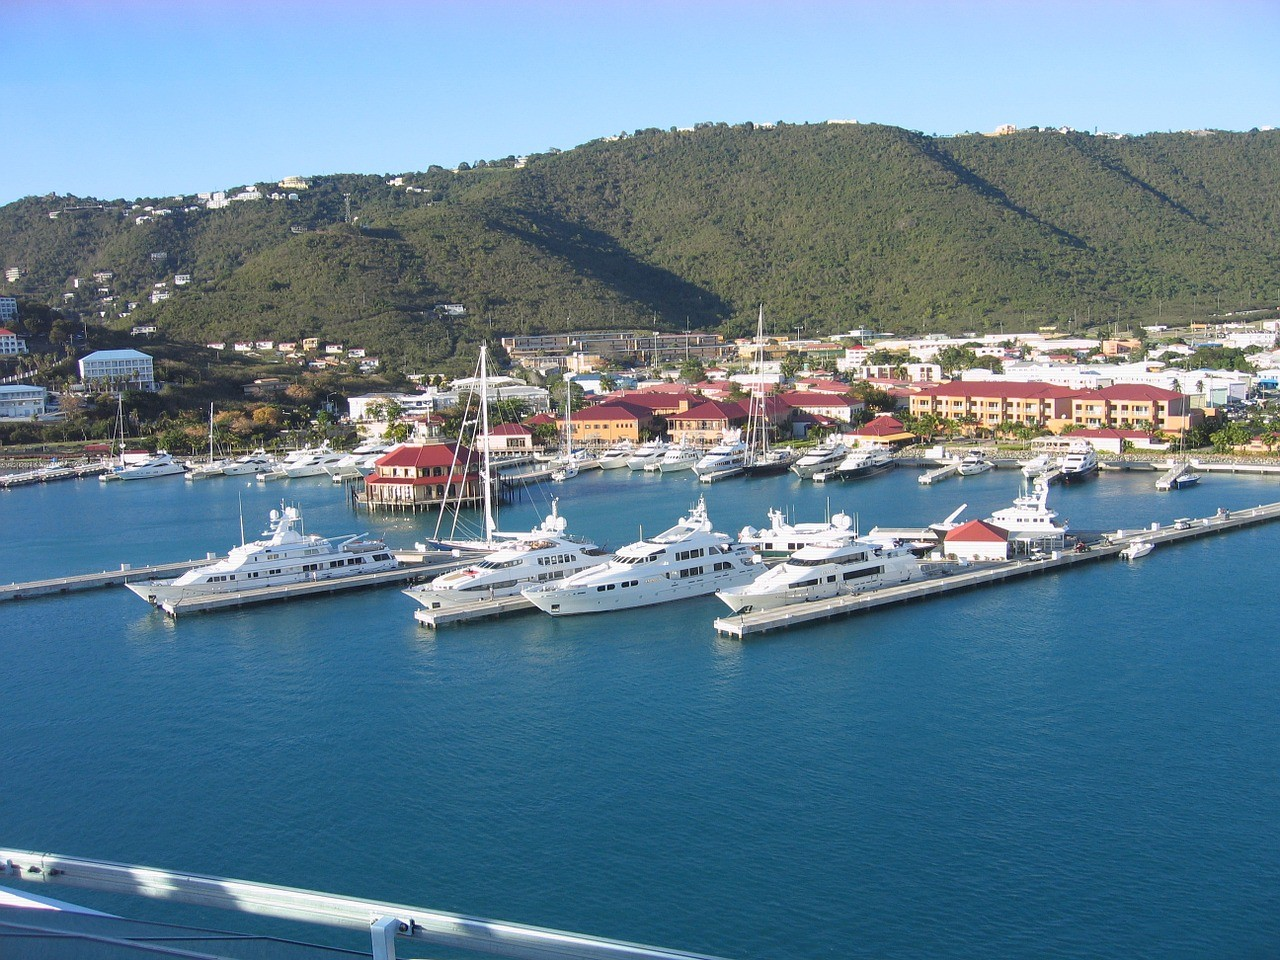 Американские Виргинские острова, Карибский бассейн